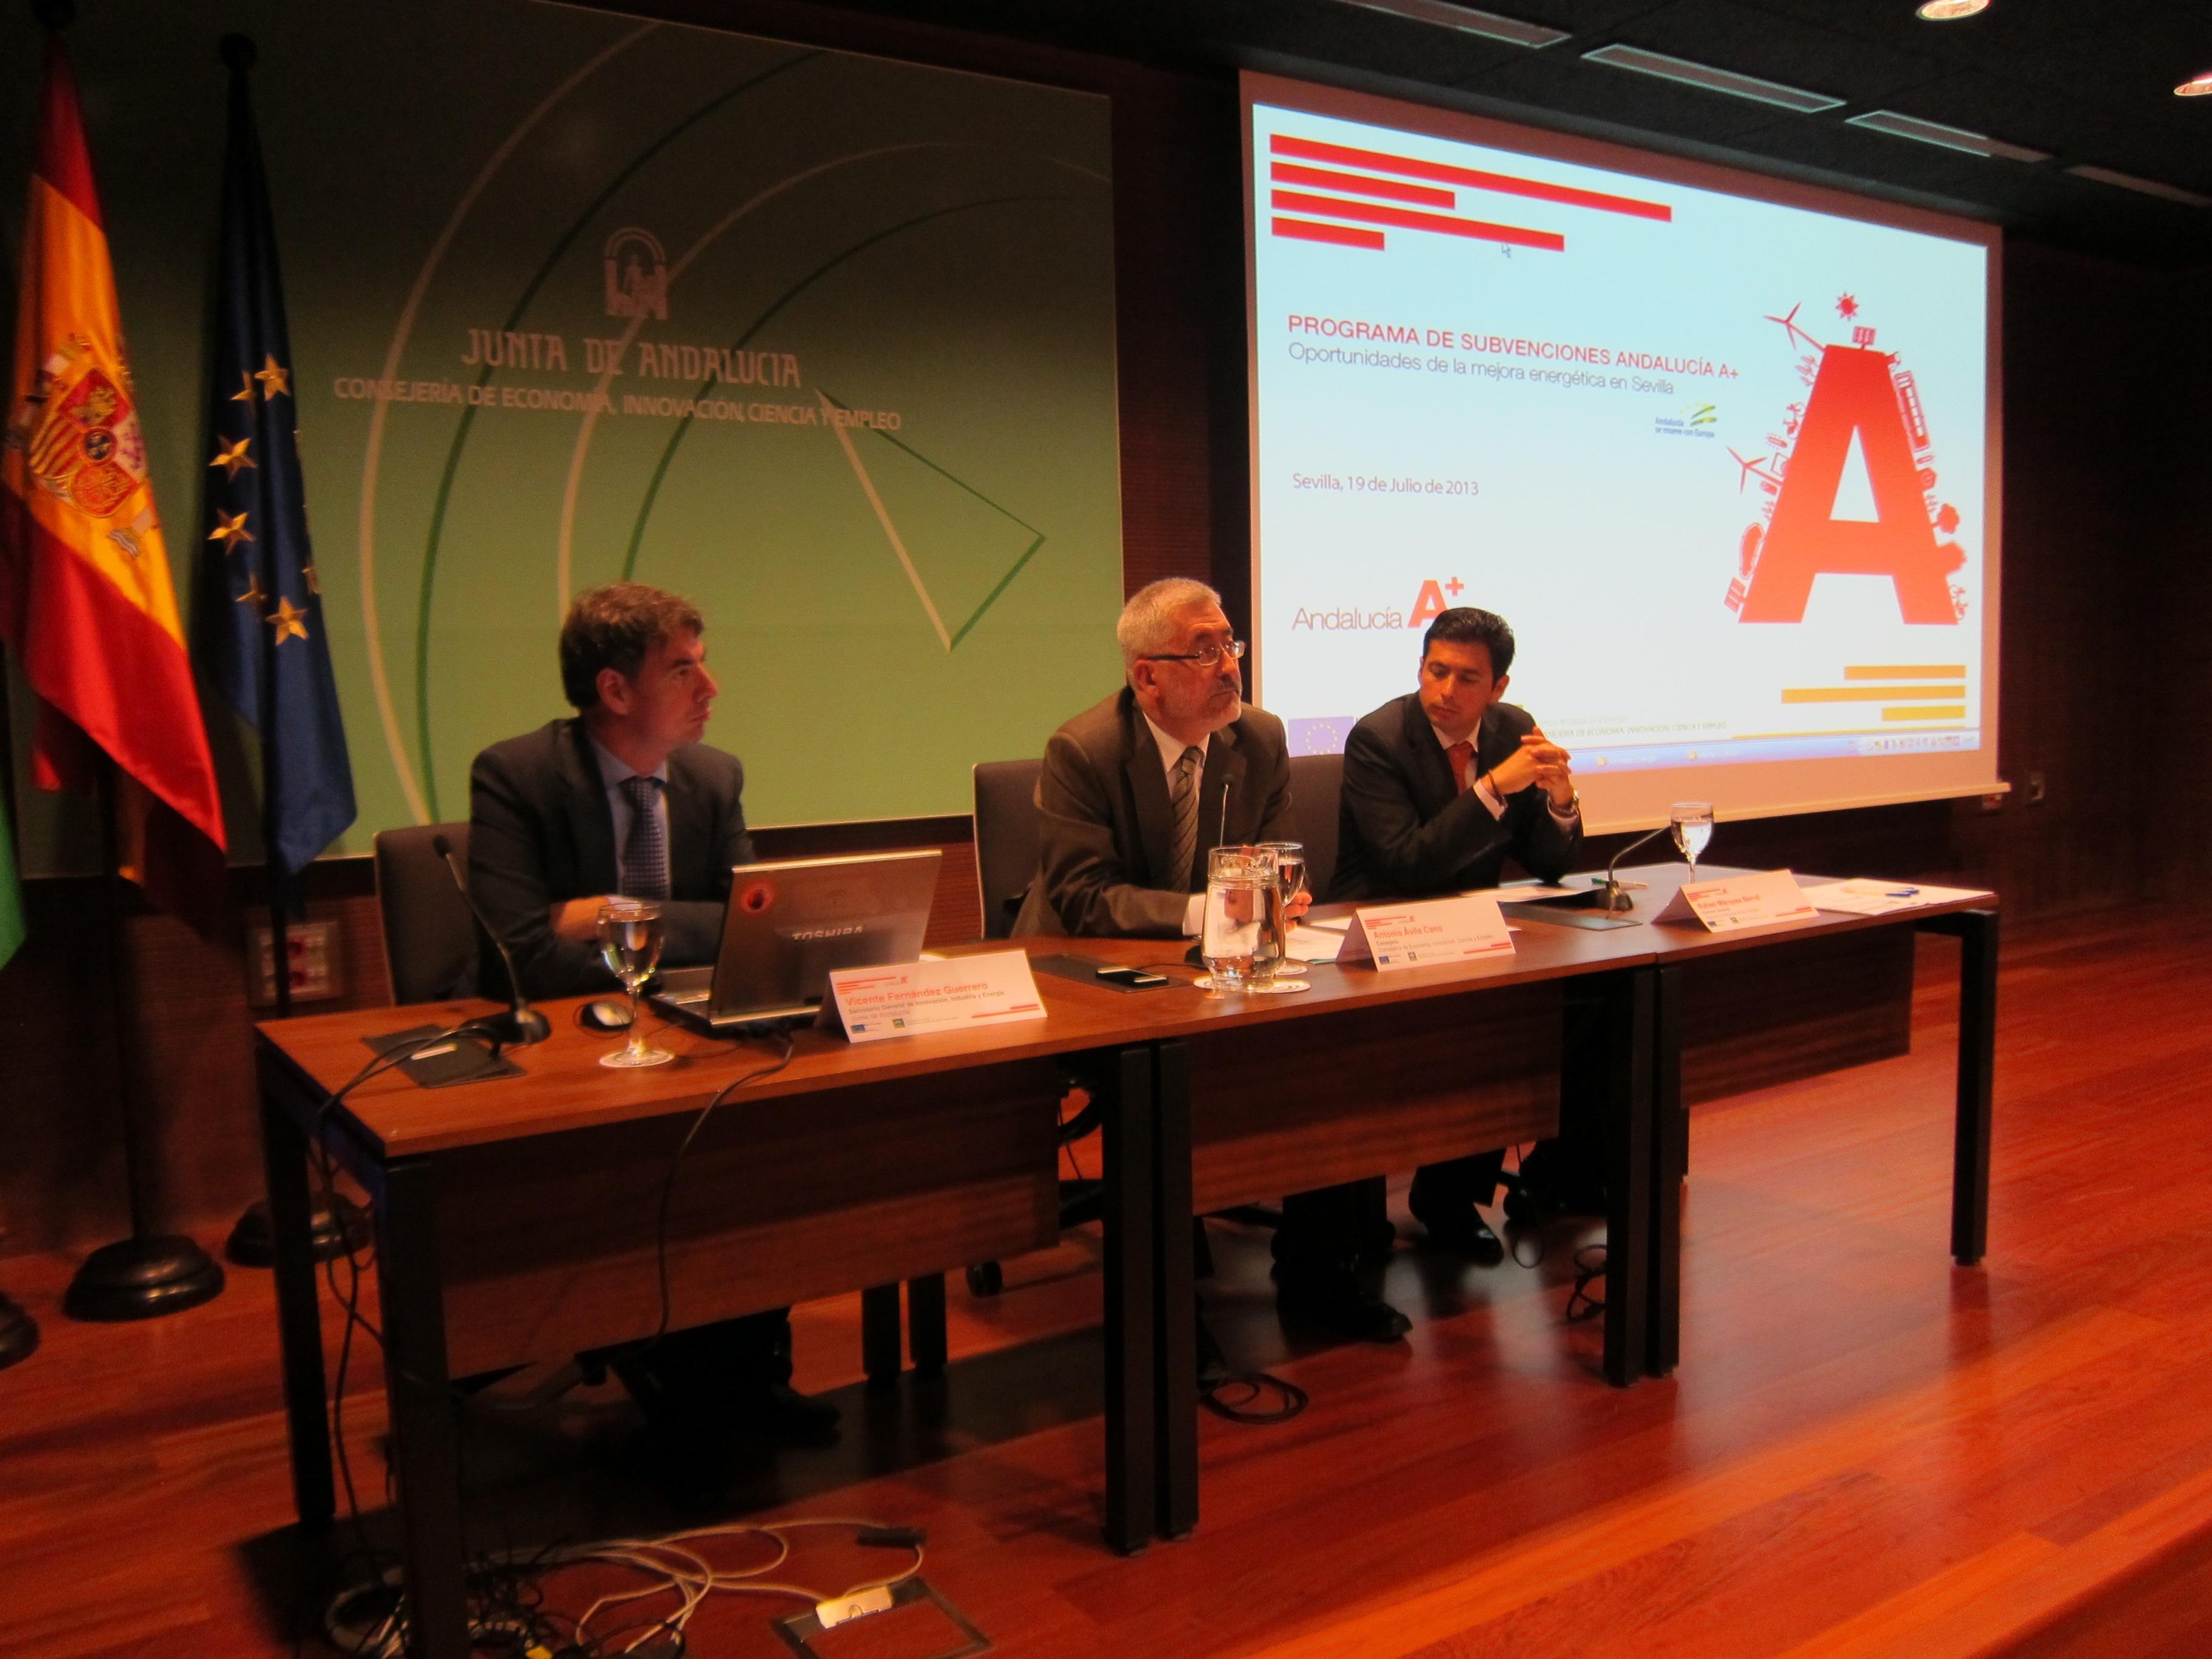 Un tercio de cada kilovatio de electricidad que se consume en Andalucía procede de fuentes renovables